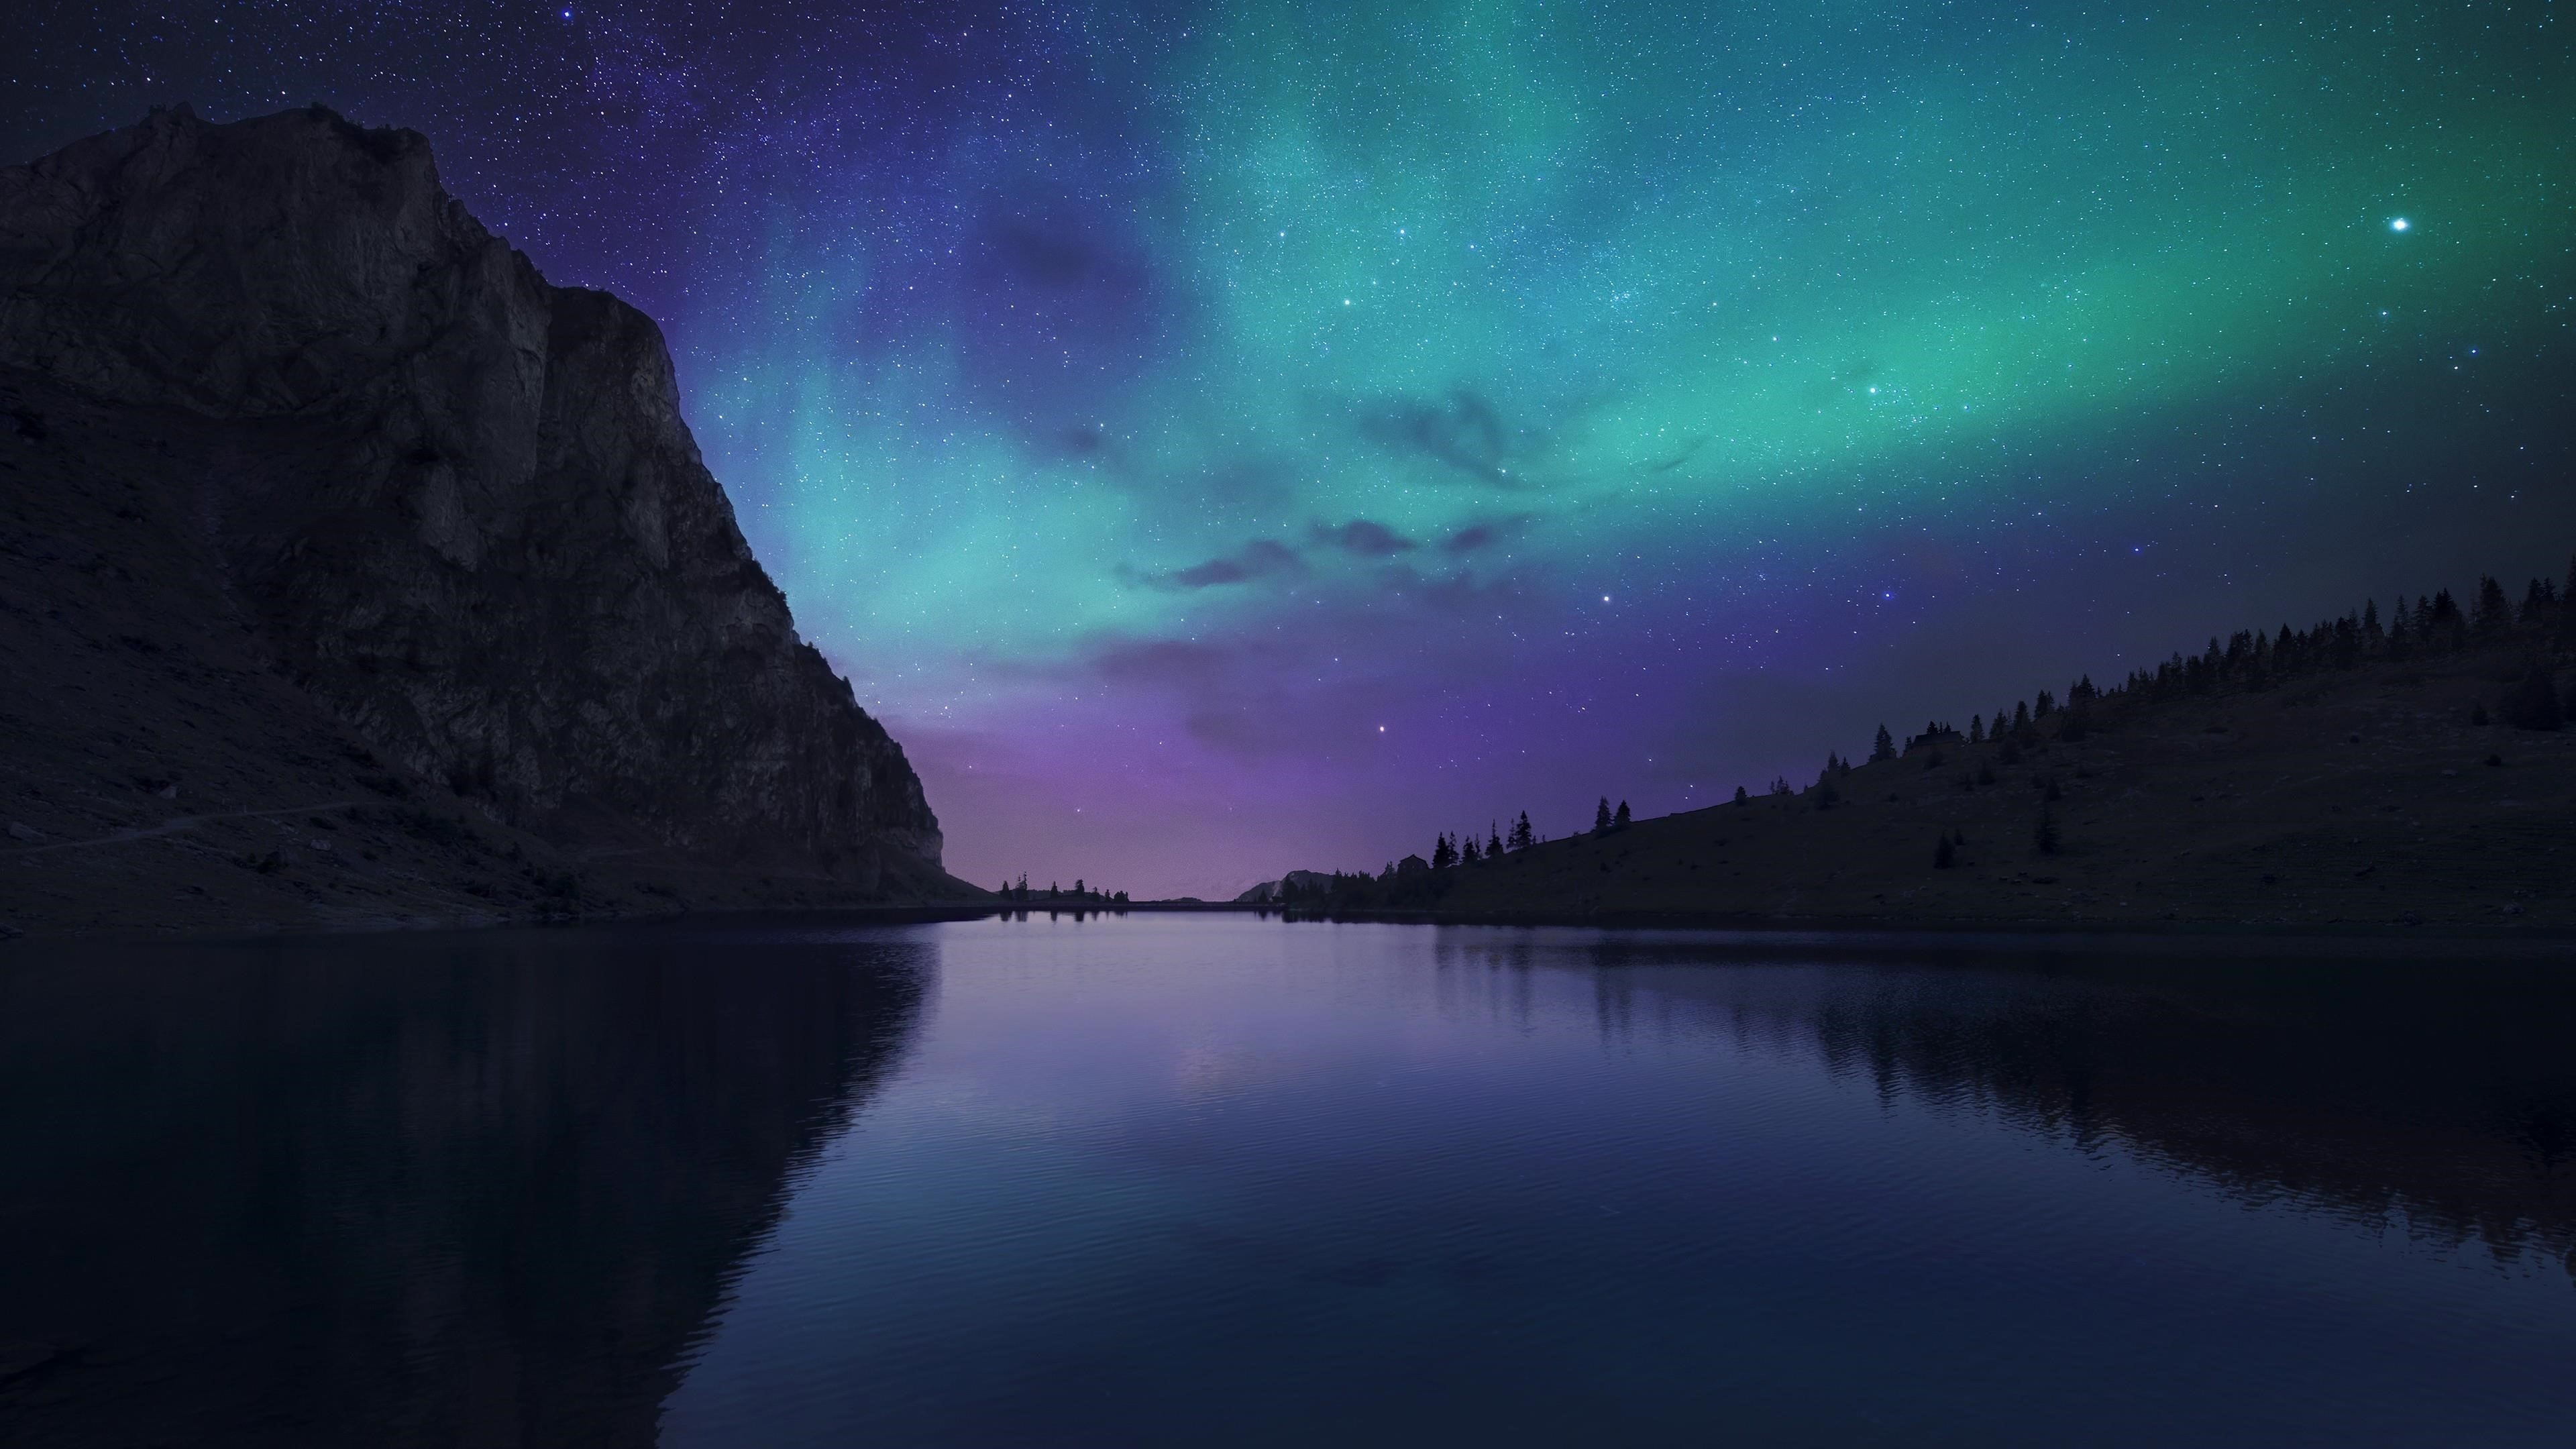 Озеро голубое спокойное отражение воды северное сияние обои скачать